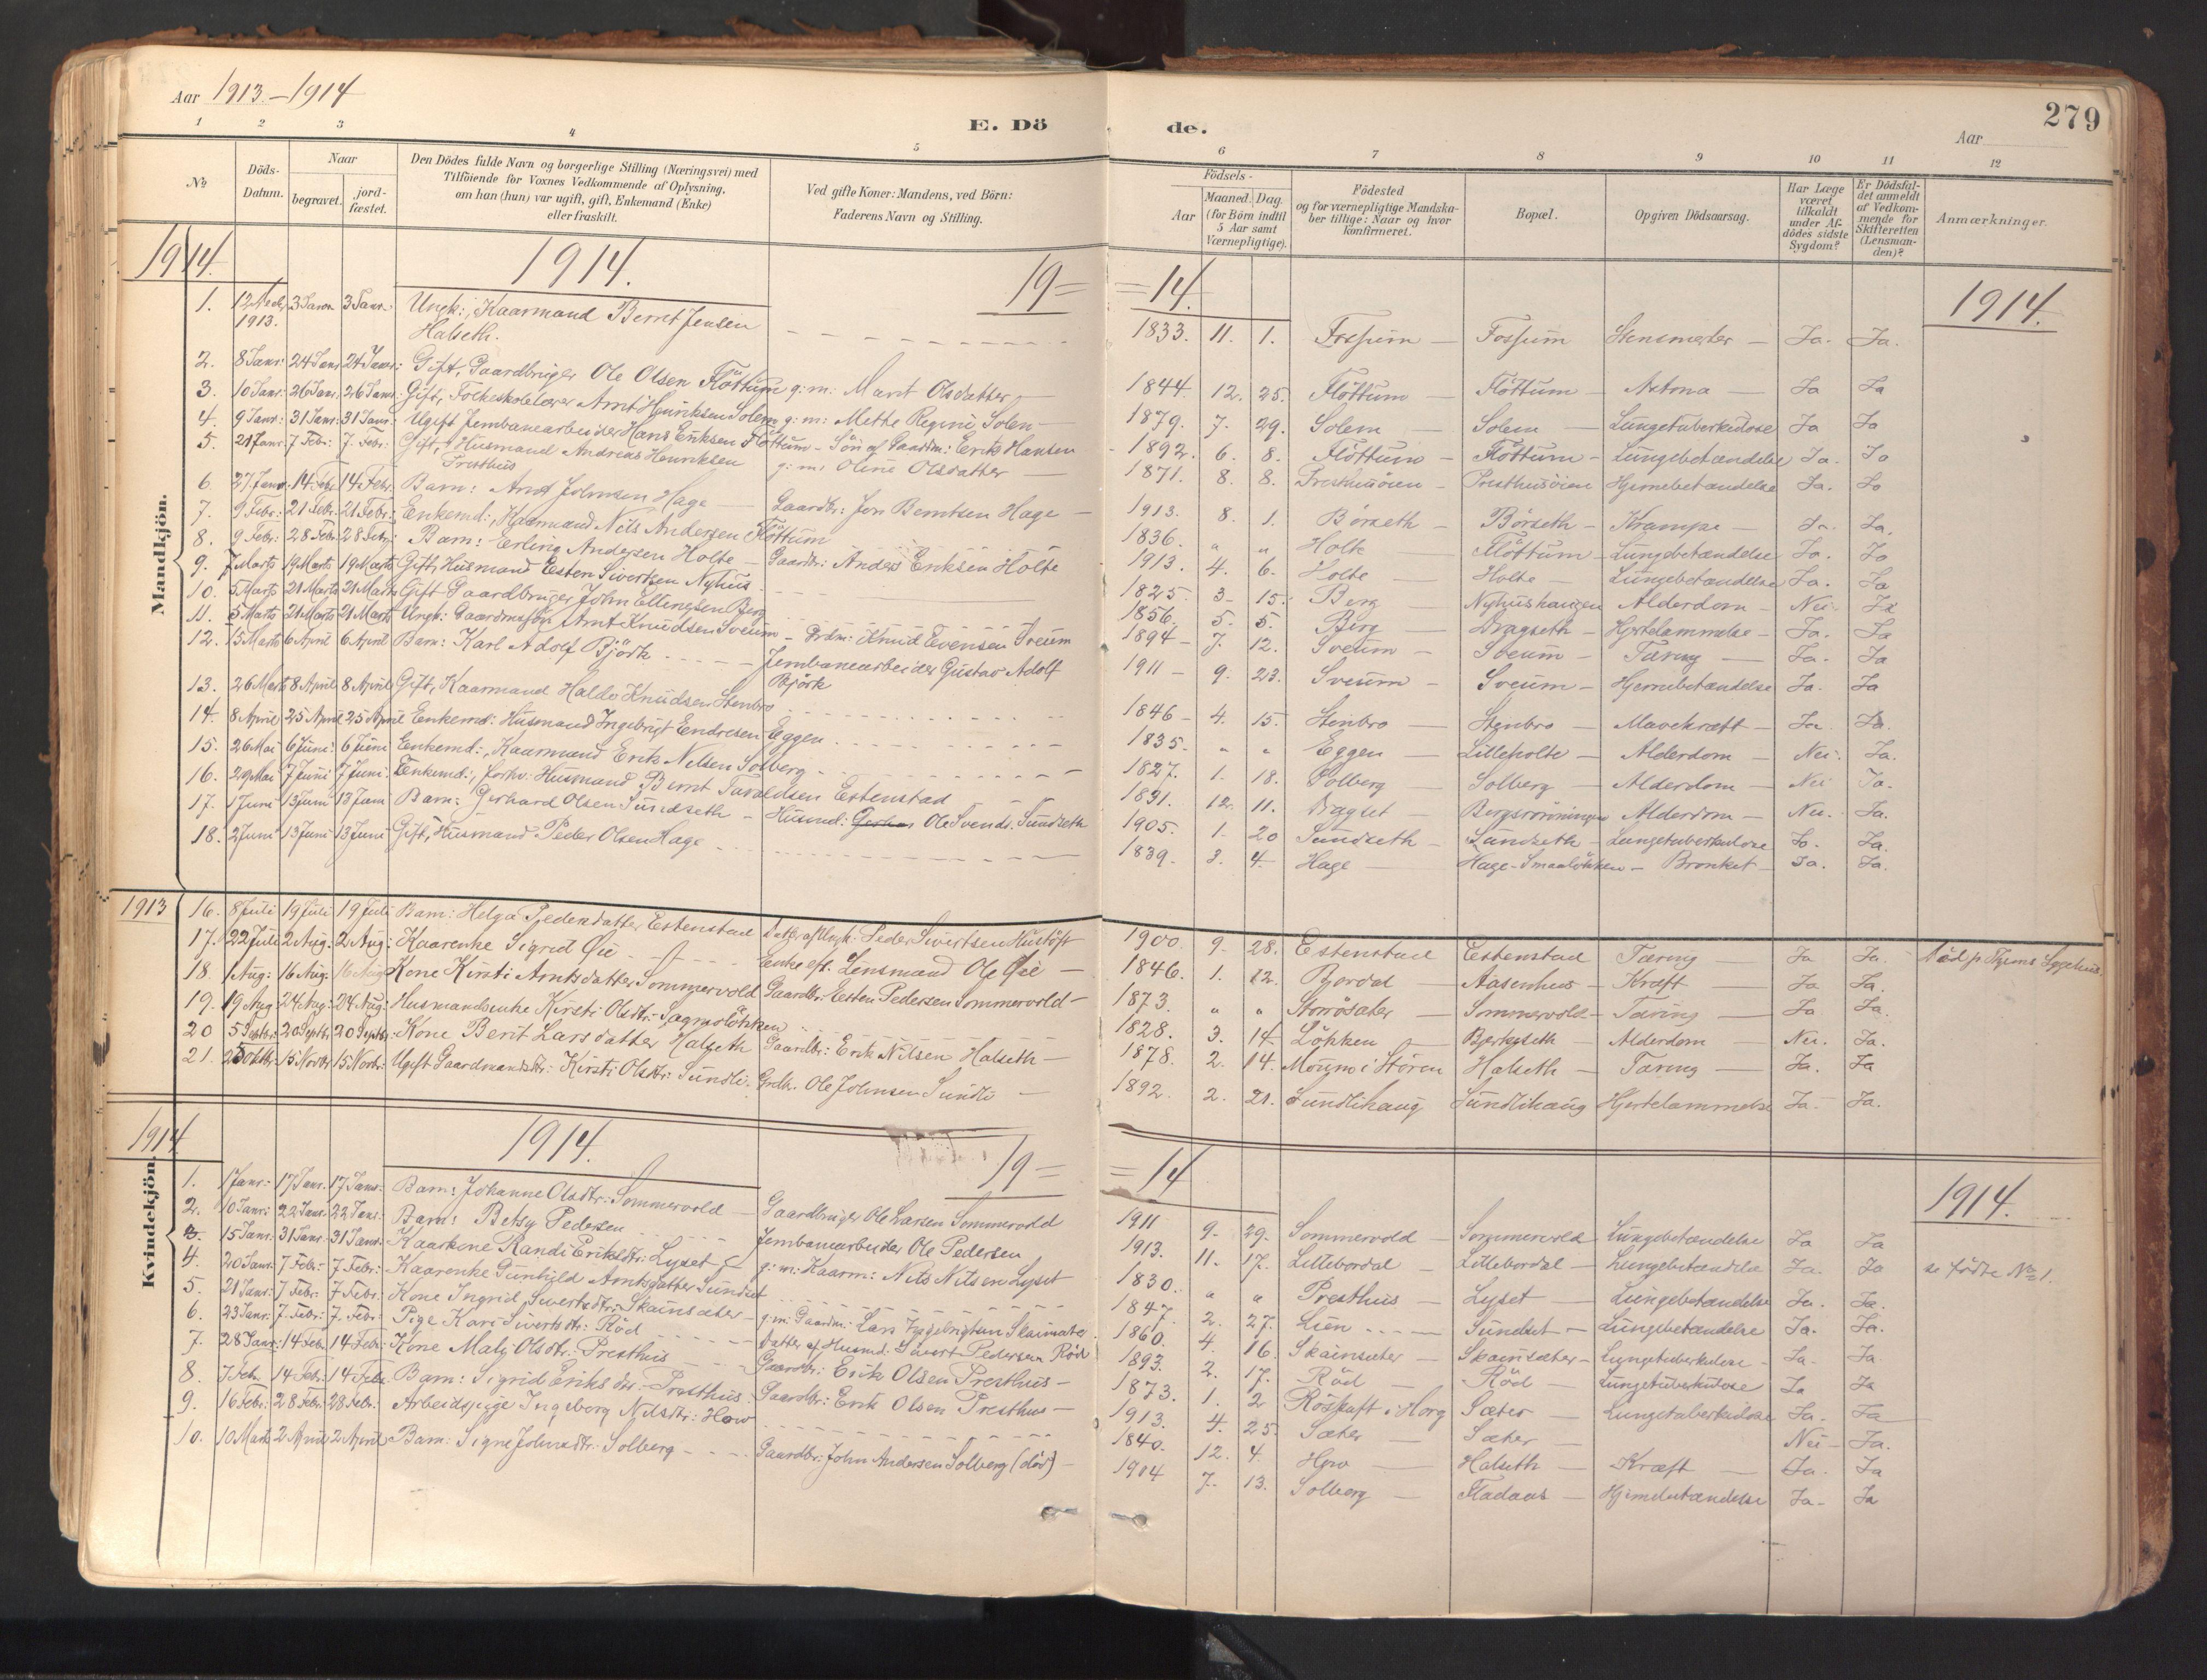 SAT, Ministerialprotokoller, klokkerbøker og fødselsregistre - Sør-Trøndelag, 689/L1041: Ministerialbok nr. 689A06, 1891-1923, s. 279